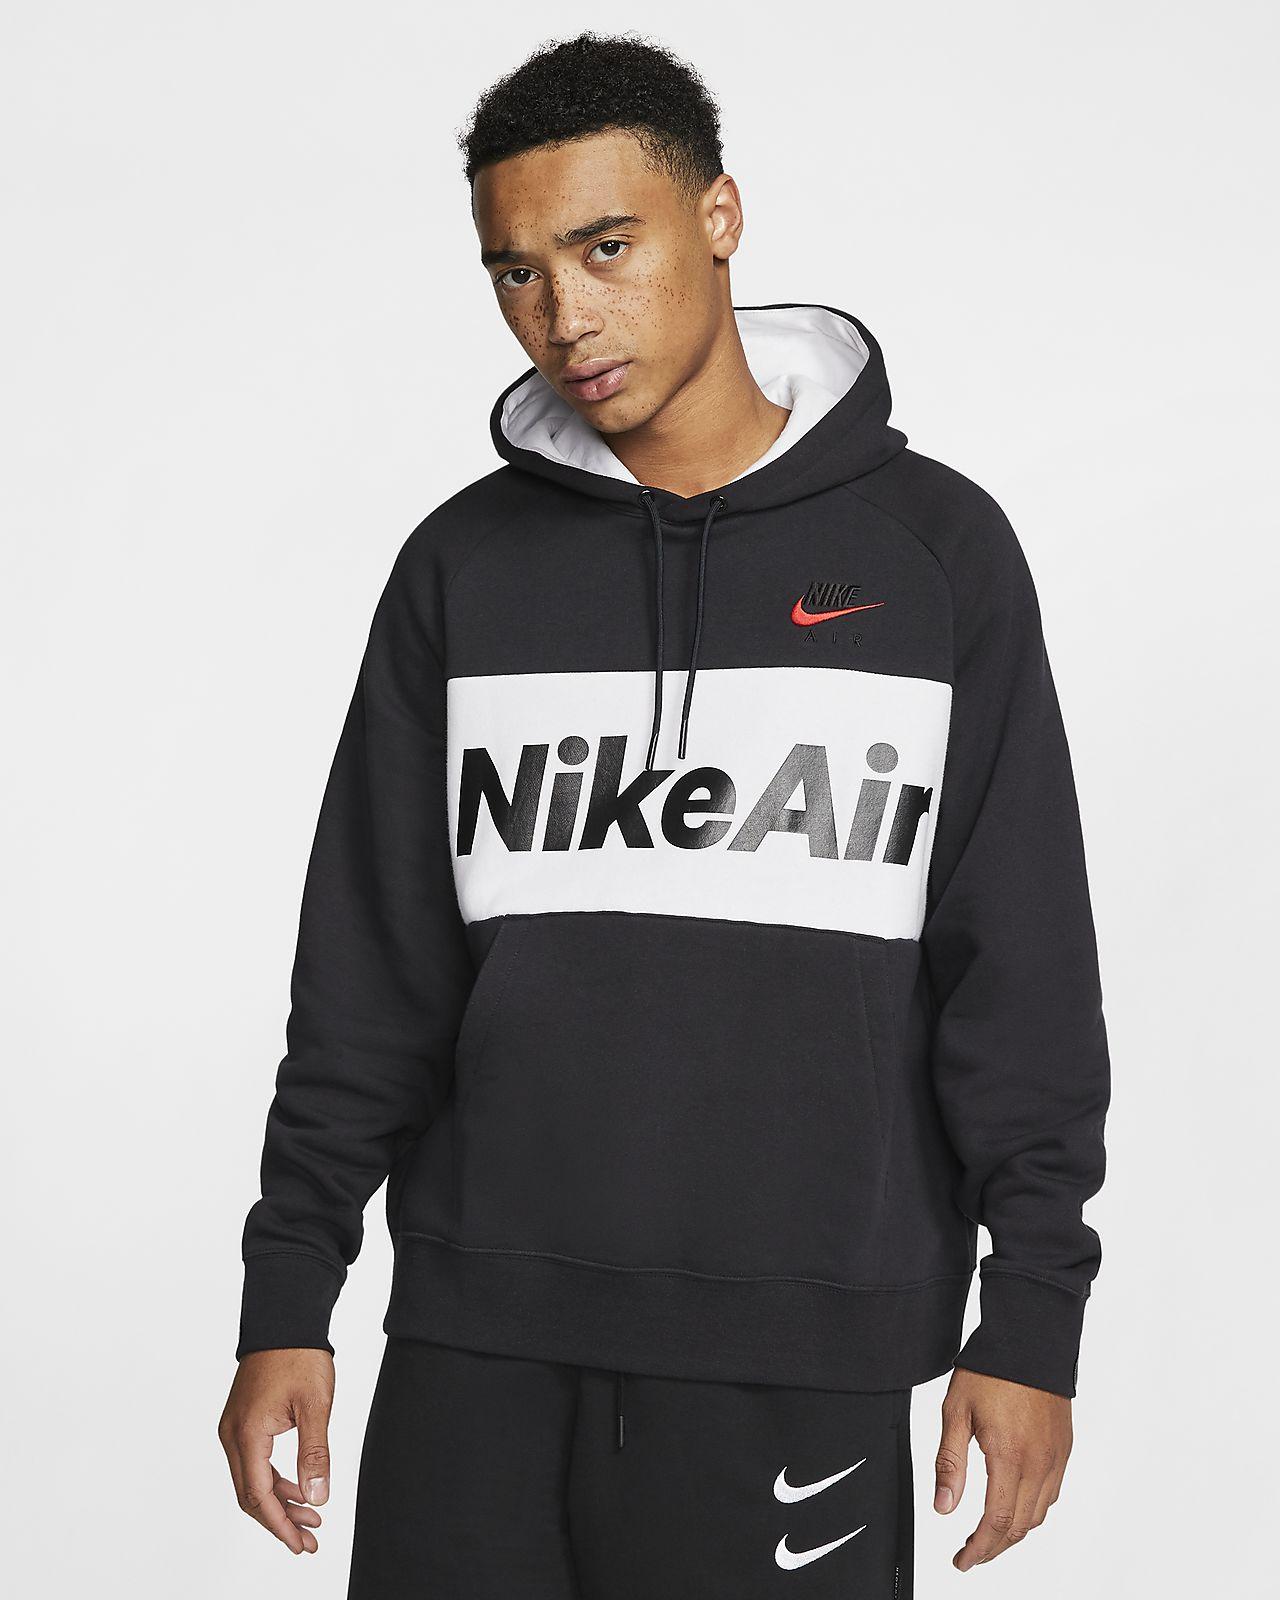 Men's Hoodies, Sweatshirts, Pullovers & Fleece | SNIPES